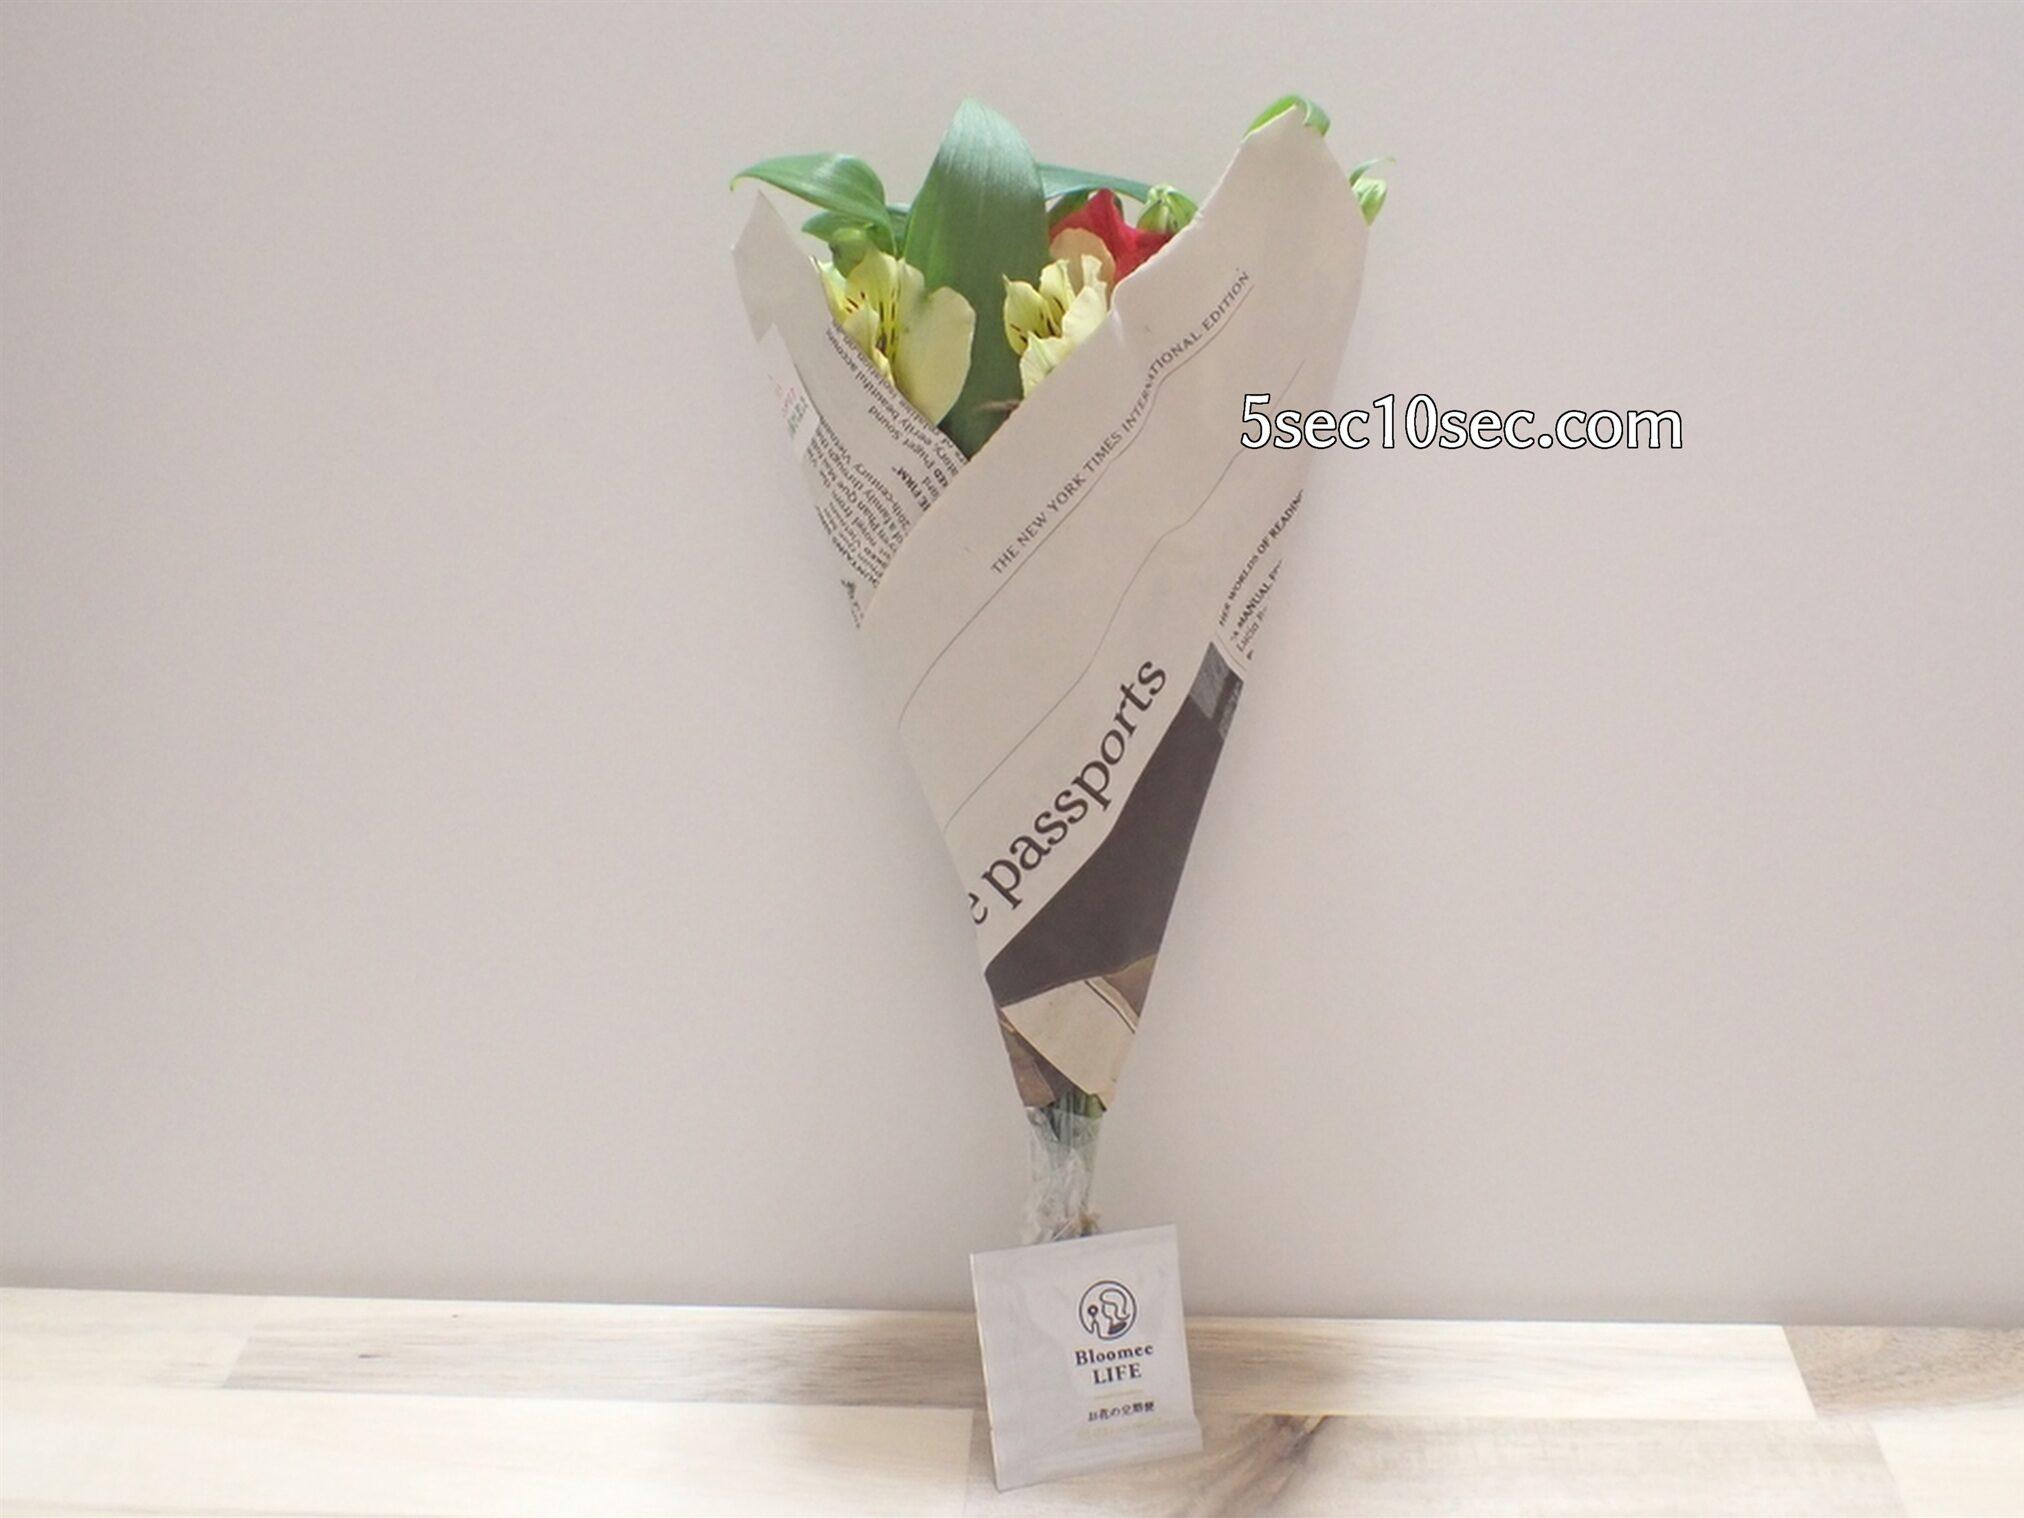 株式会社Crunch Style Bloomee LIFE(ブルーミーライフ)レギュラープラン 今回は英字新聞に包まれ、お洒落な包装で届きました